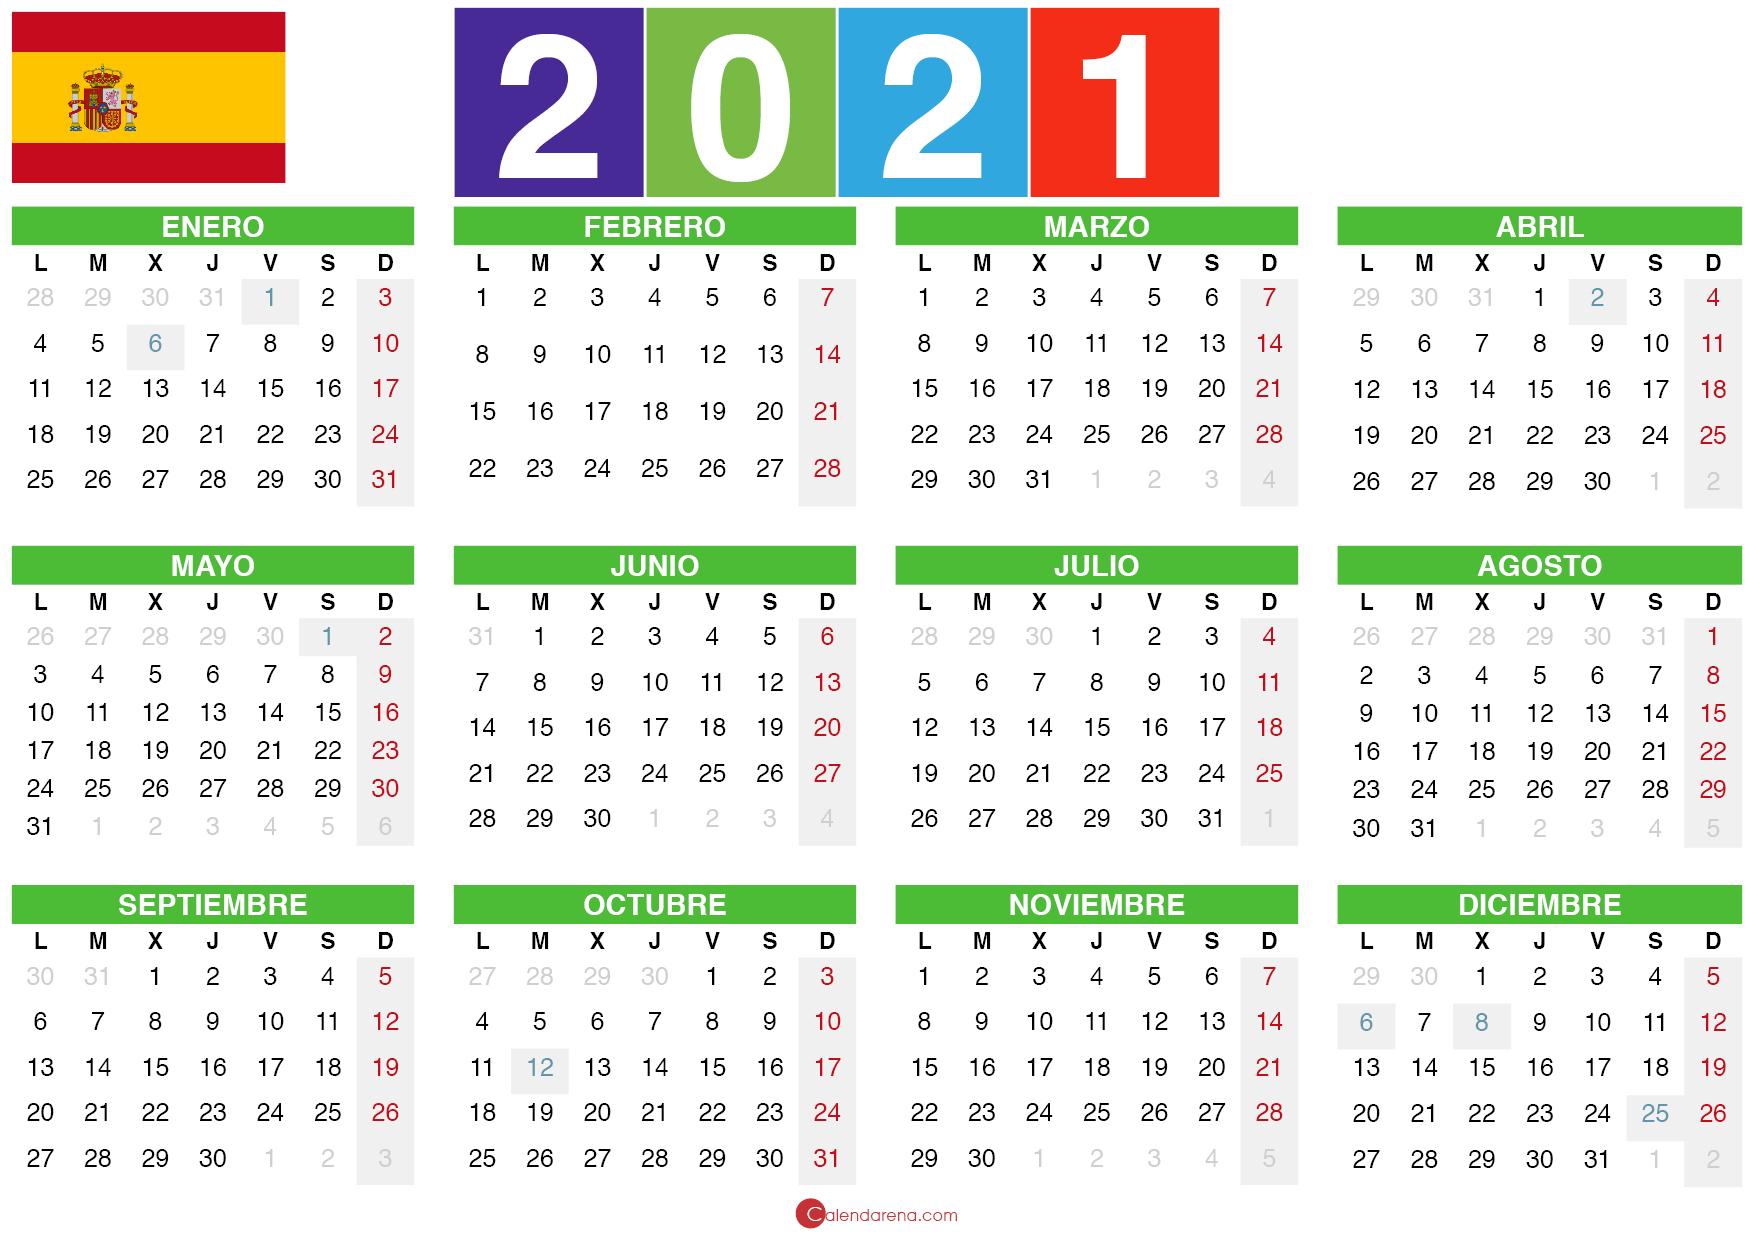 Calendario 2021 Plantilla 2  Calendarena in Calendario 2021 Con Semanas